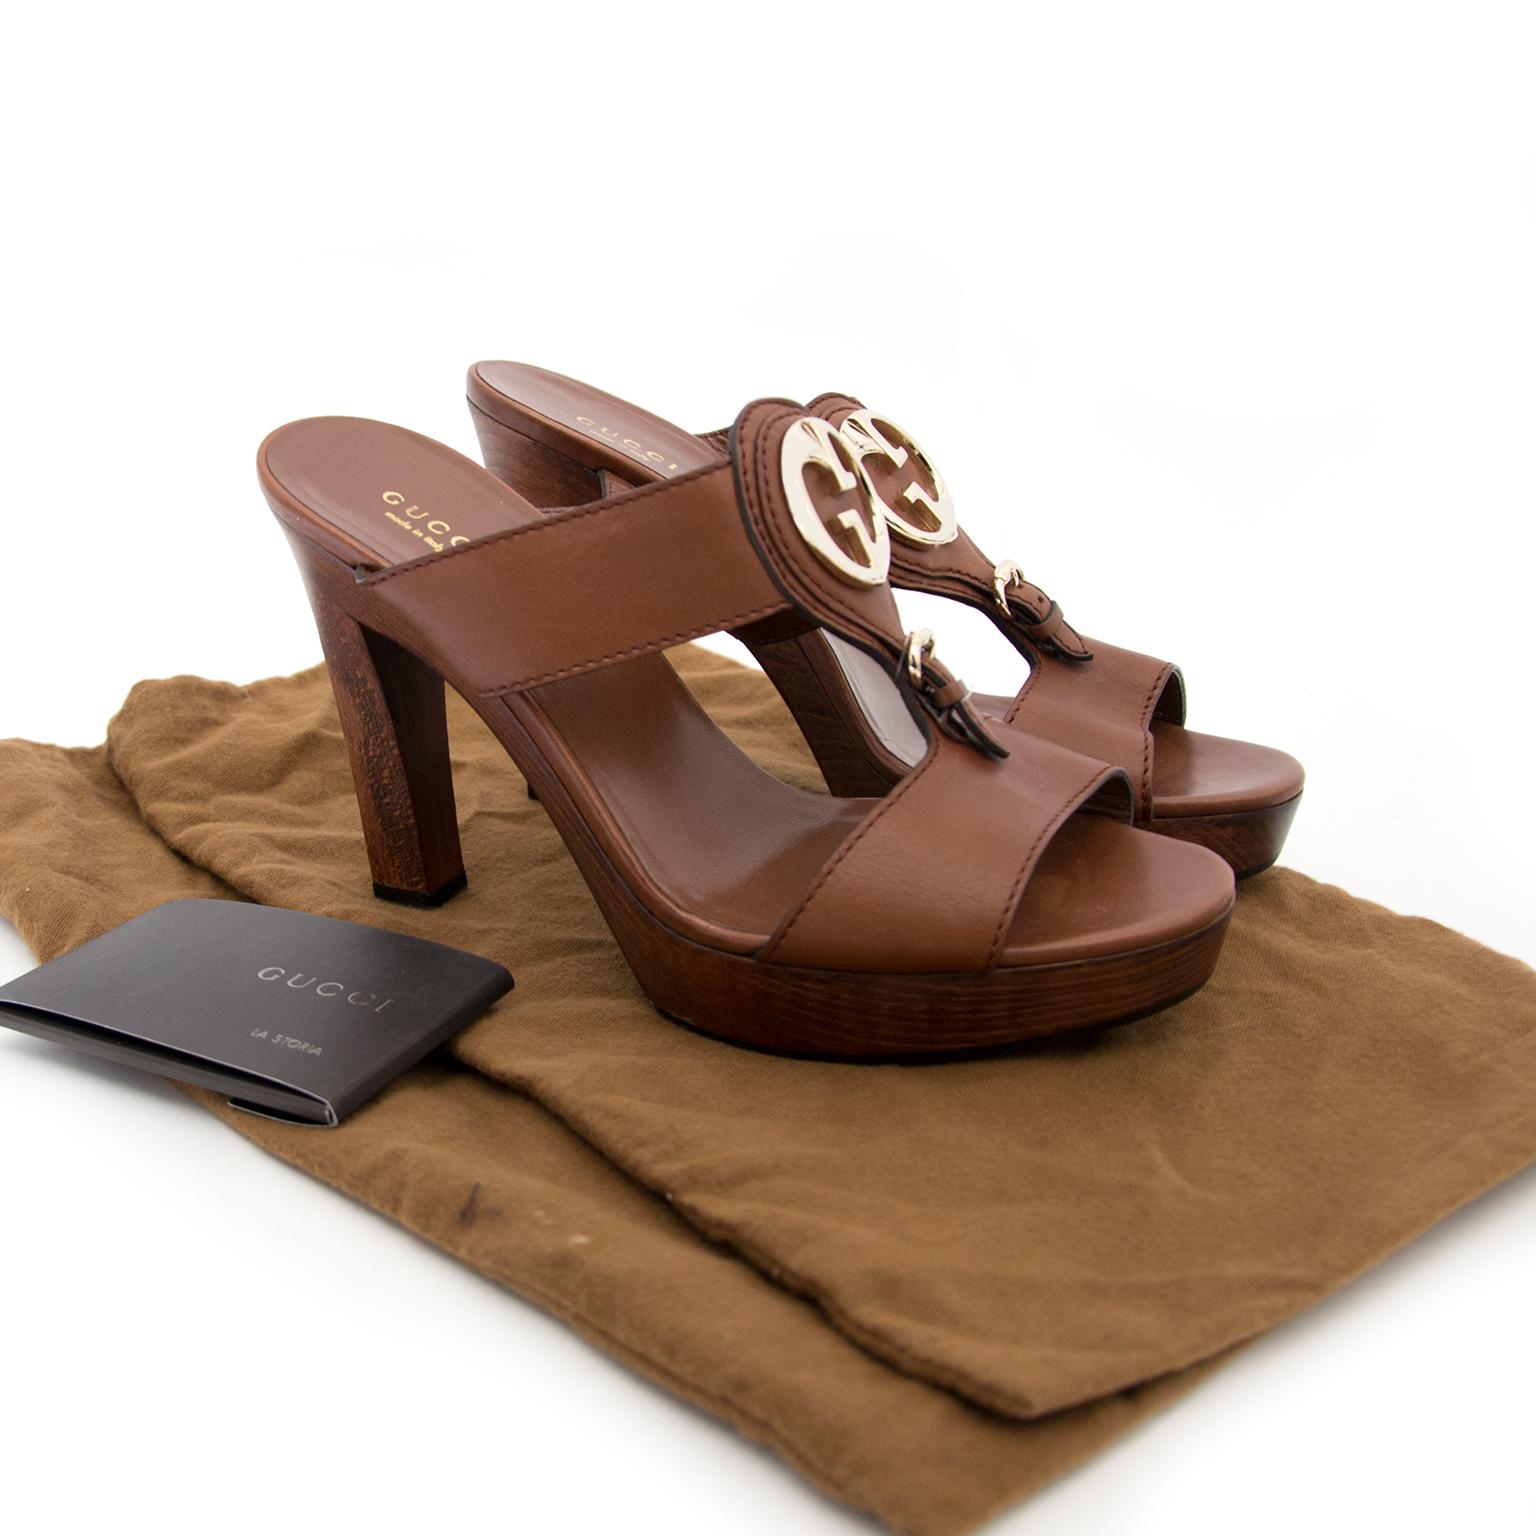 6b85d0a88d77 Labellov Buy safe Delvaux designer vintage online. Vind tweedehands ...